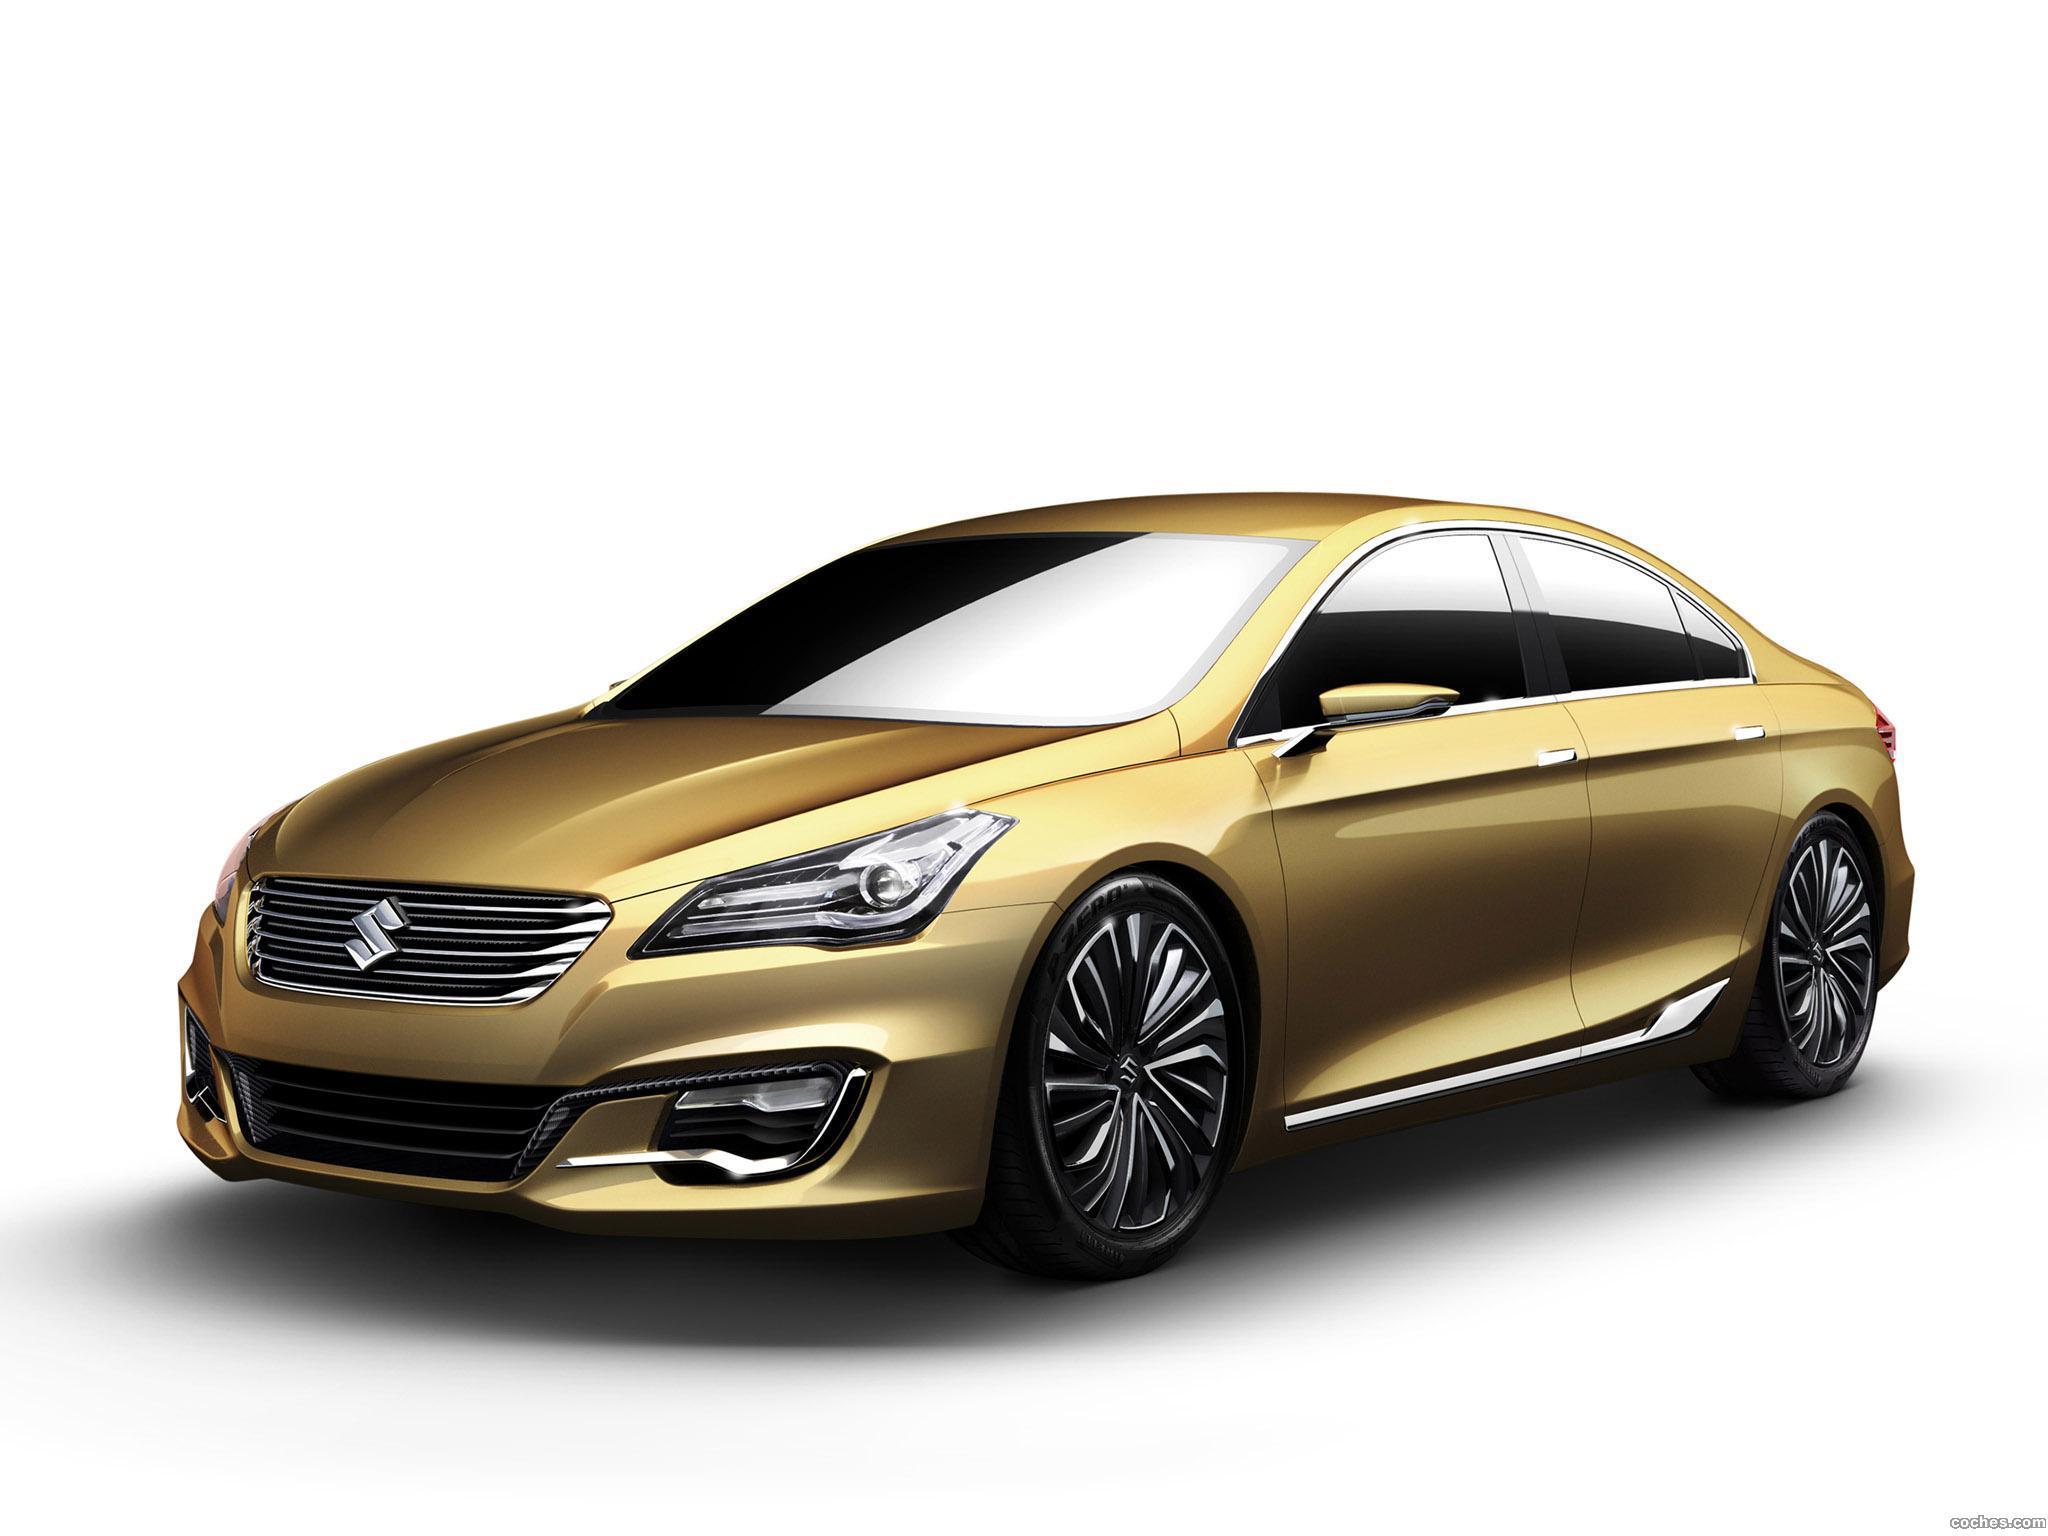 Foto 0 de Suzuki Authentics Concept 2013